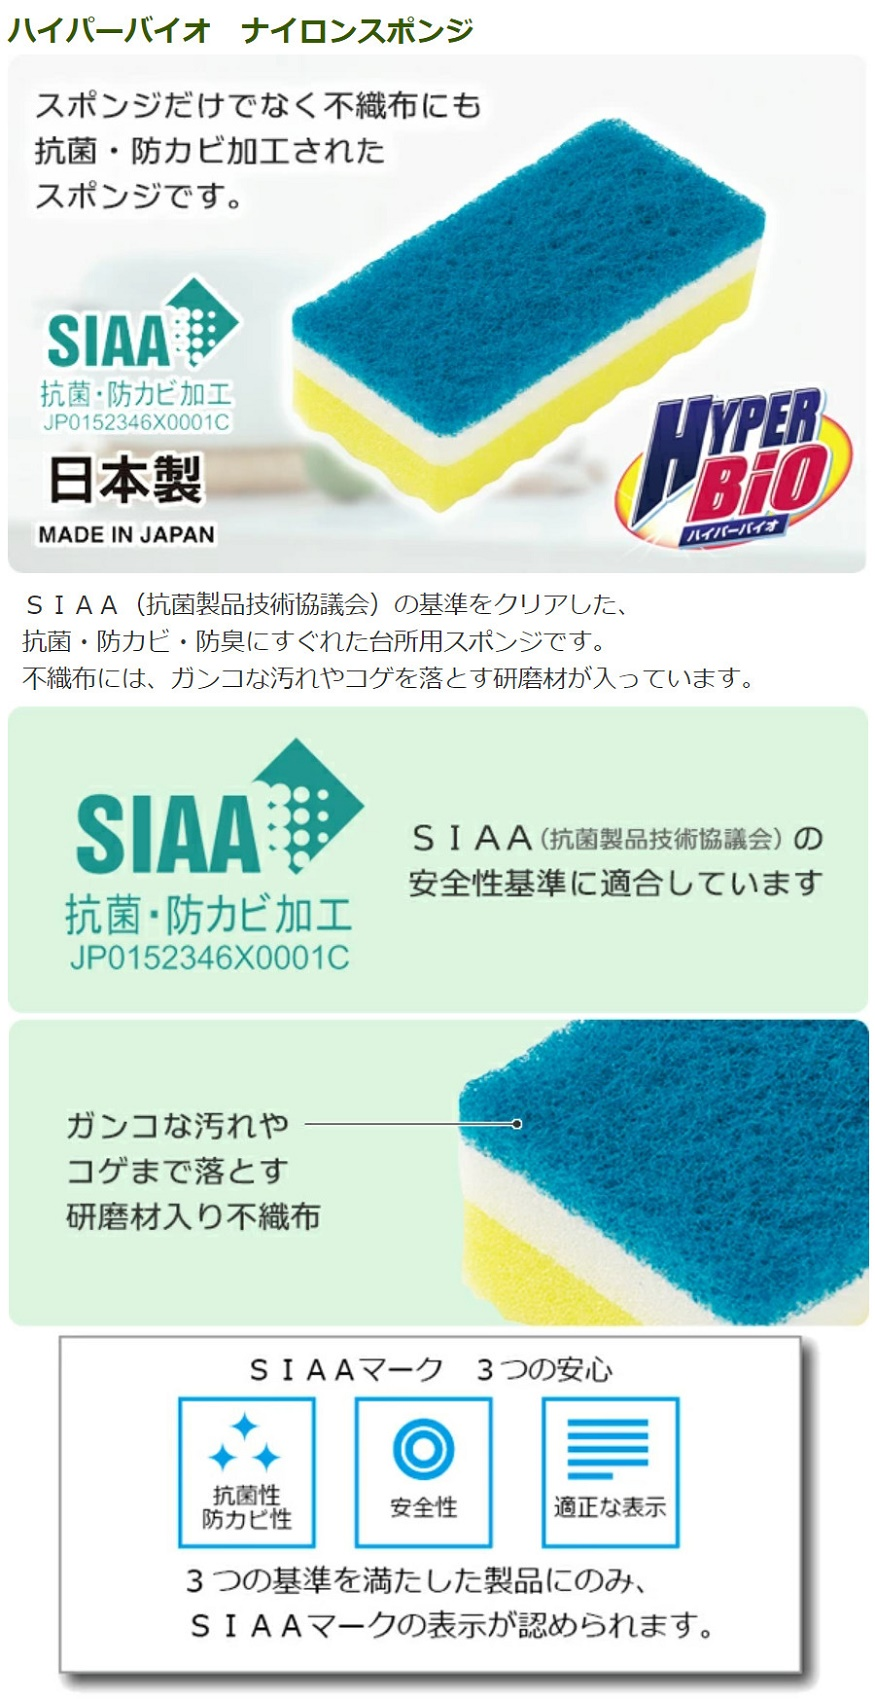 Combo 02 Mút rửa chén bát, xoong chảo chuyên dụng dùng cho nhà bếp Ohe Hyper Bio hàng nội địa Nhật Bản (Made in Japan)